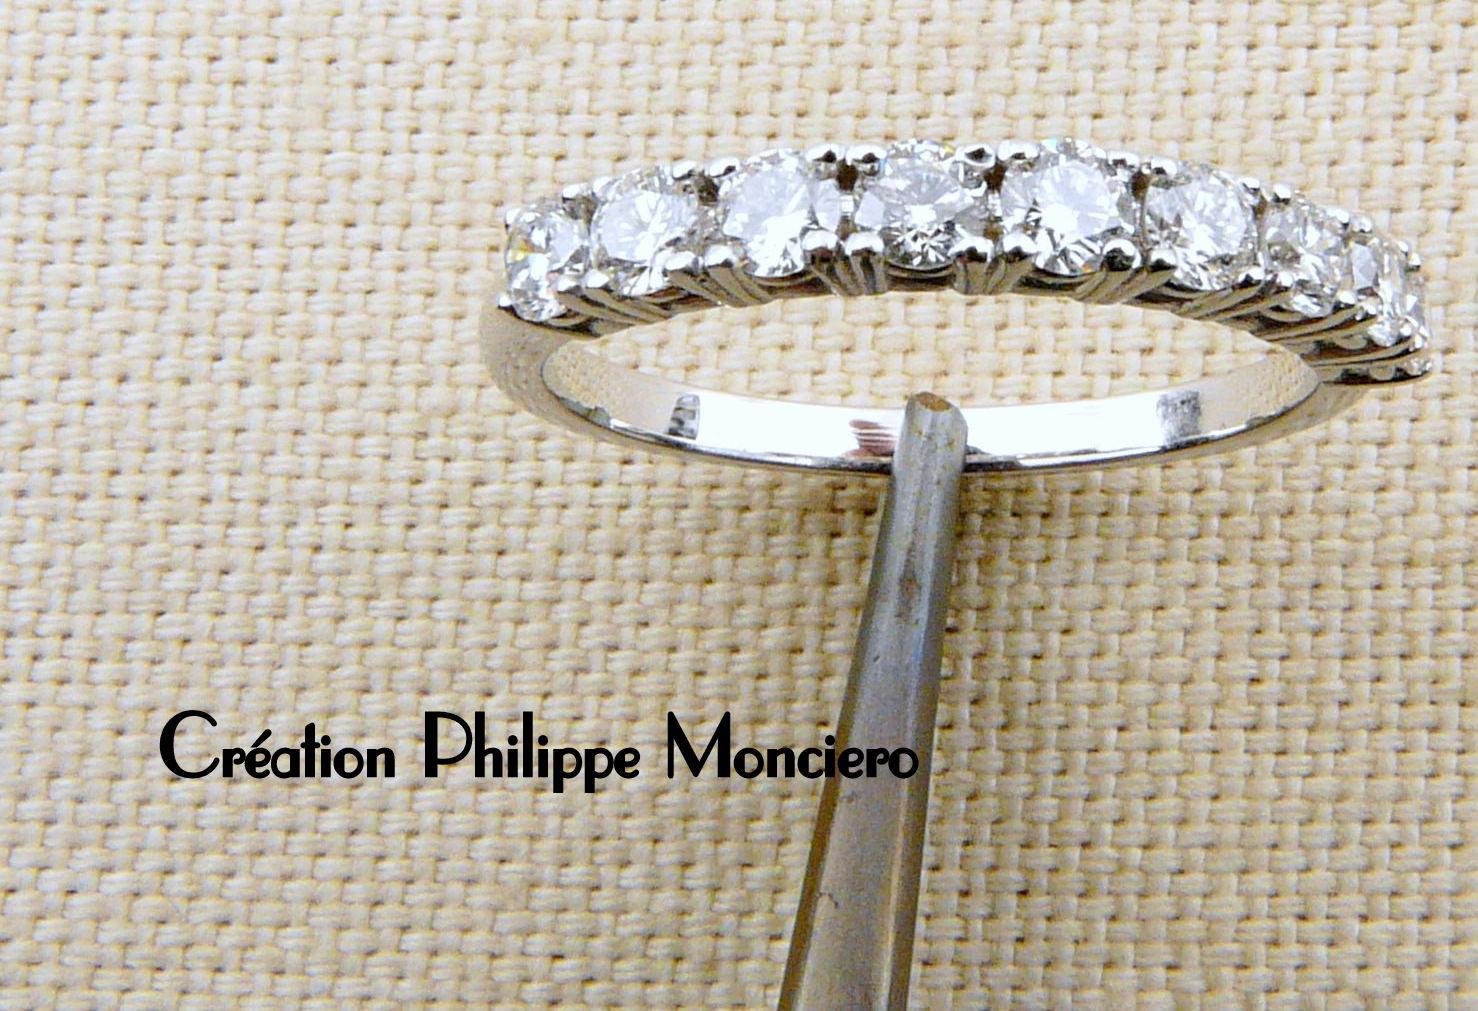 Alliance diamants sur griffes. Monciero - Nîmes